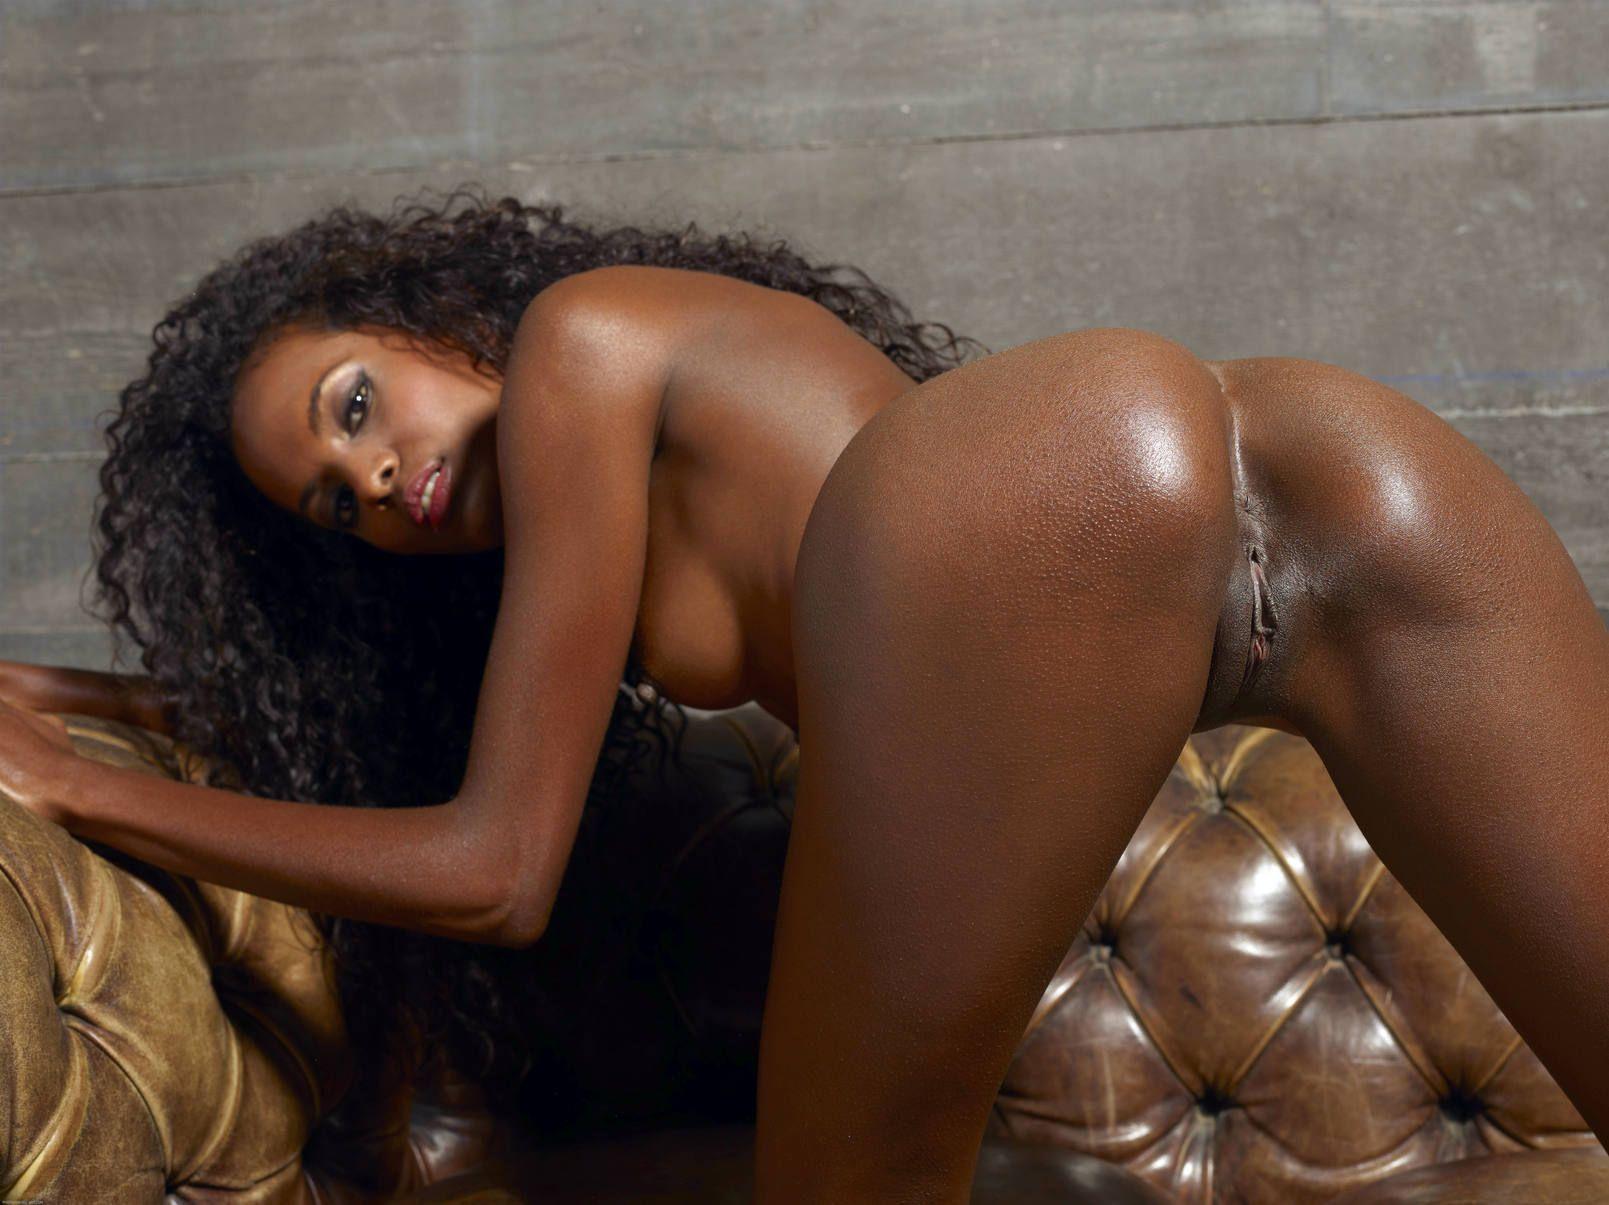 Naked oily black girls